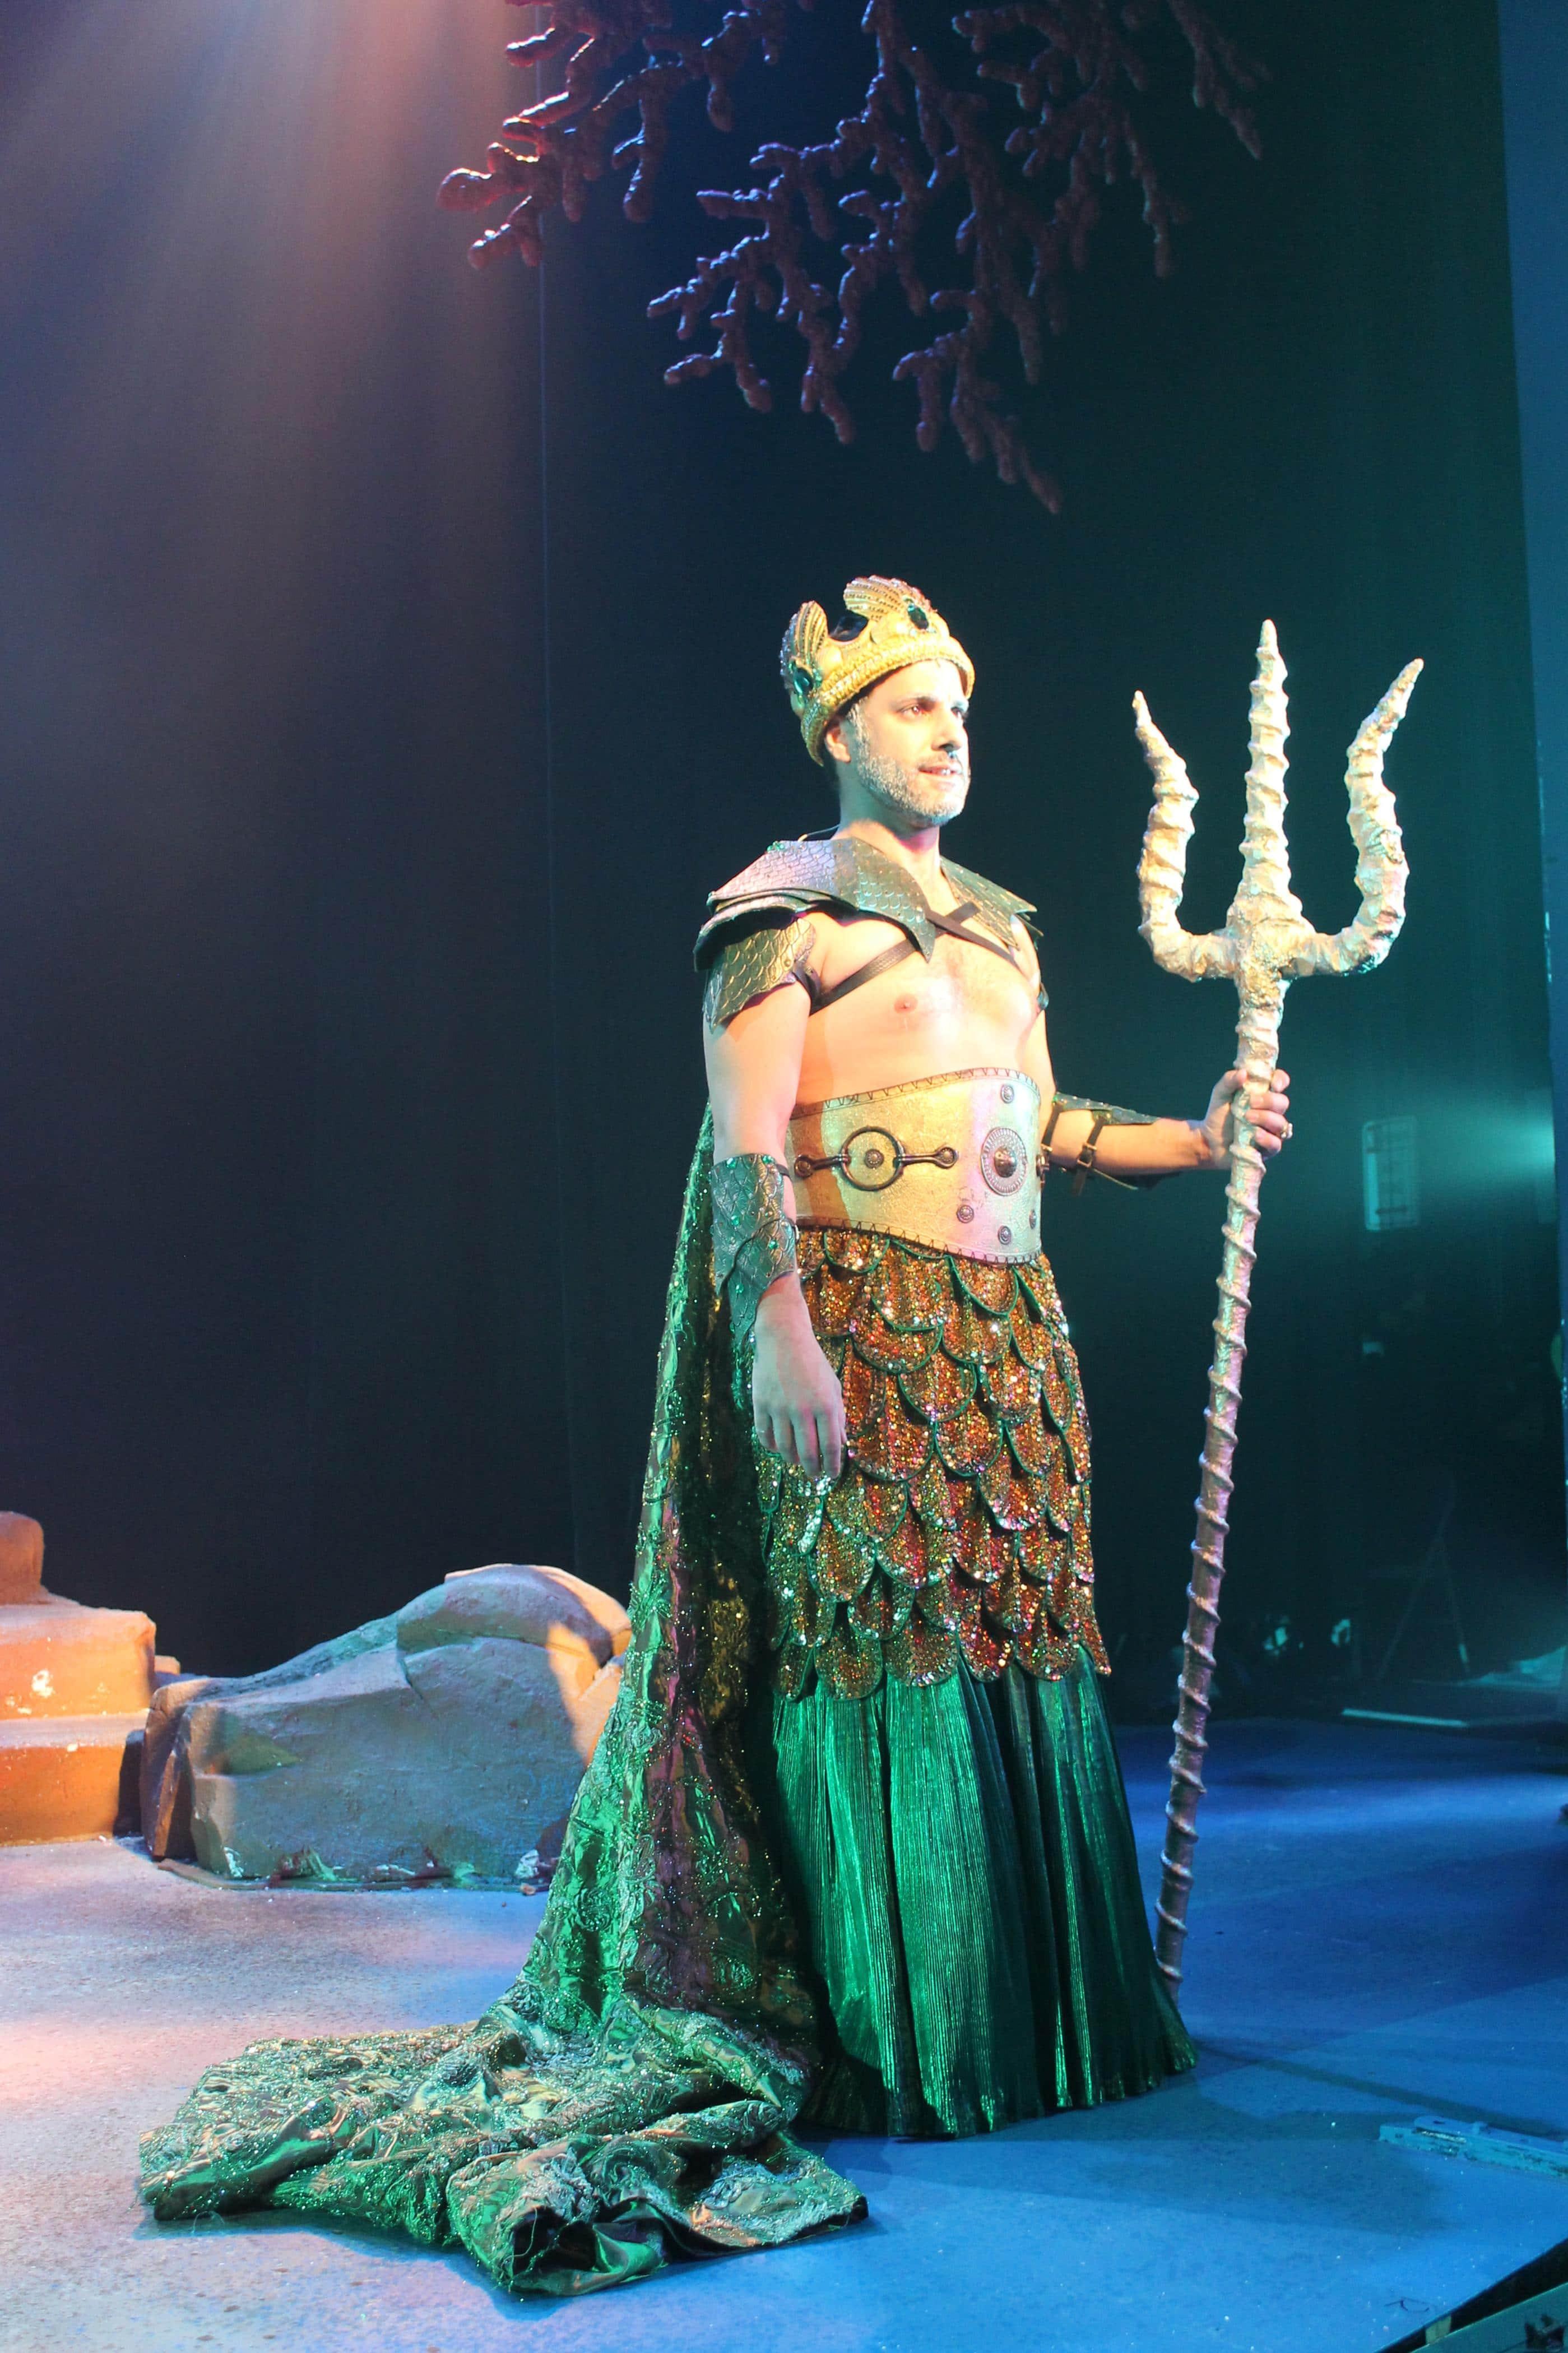 King Triton 2 Maine State Music Theatre Costume